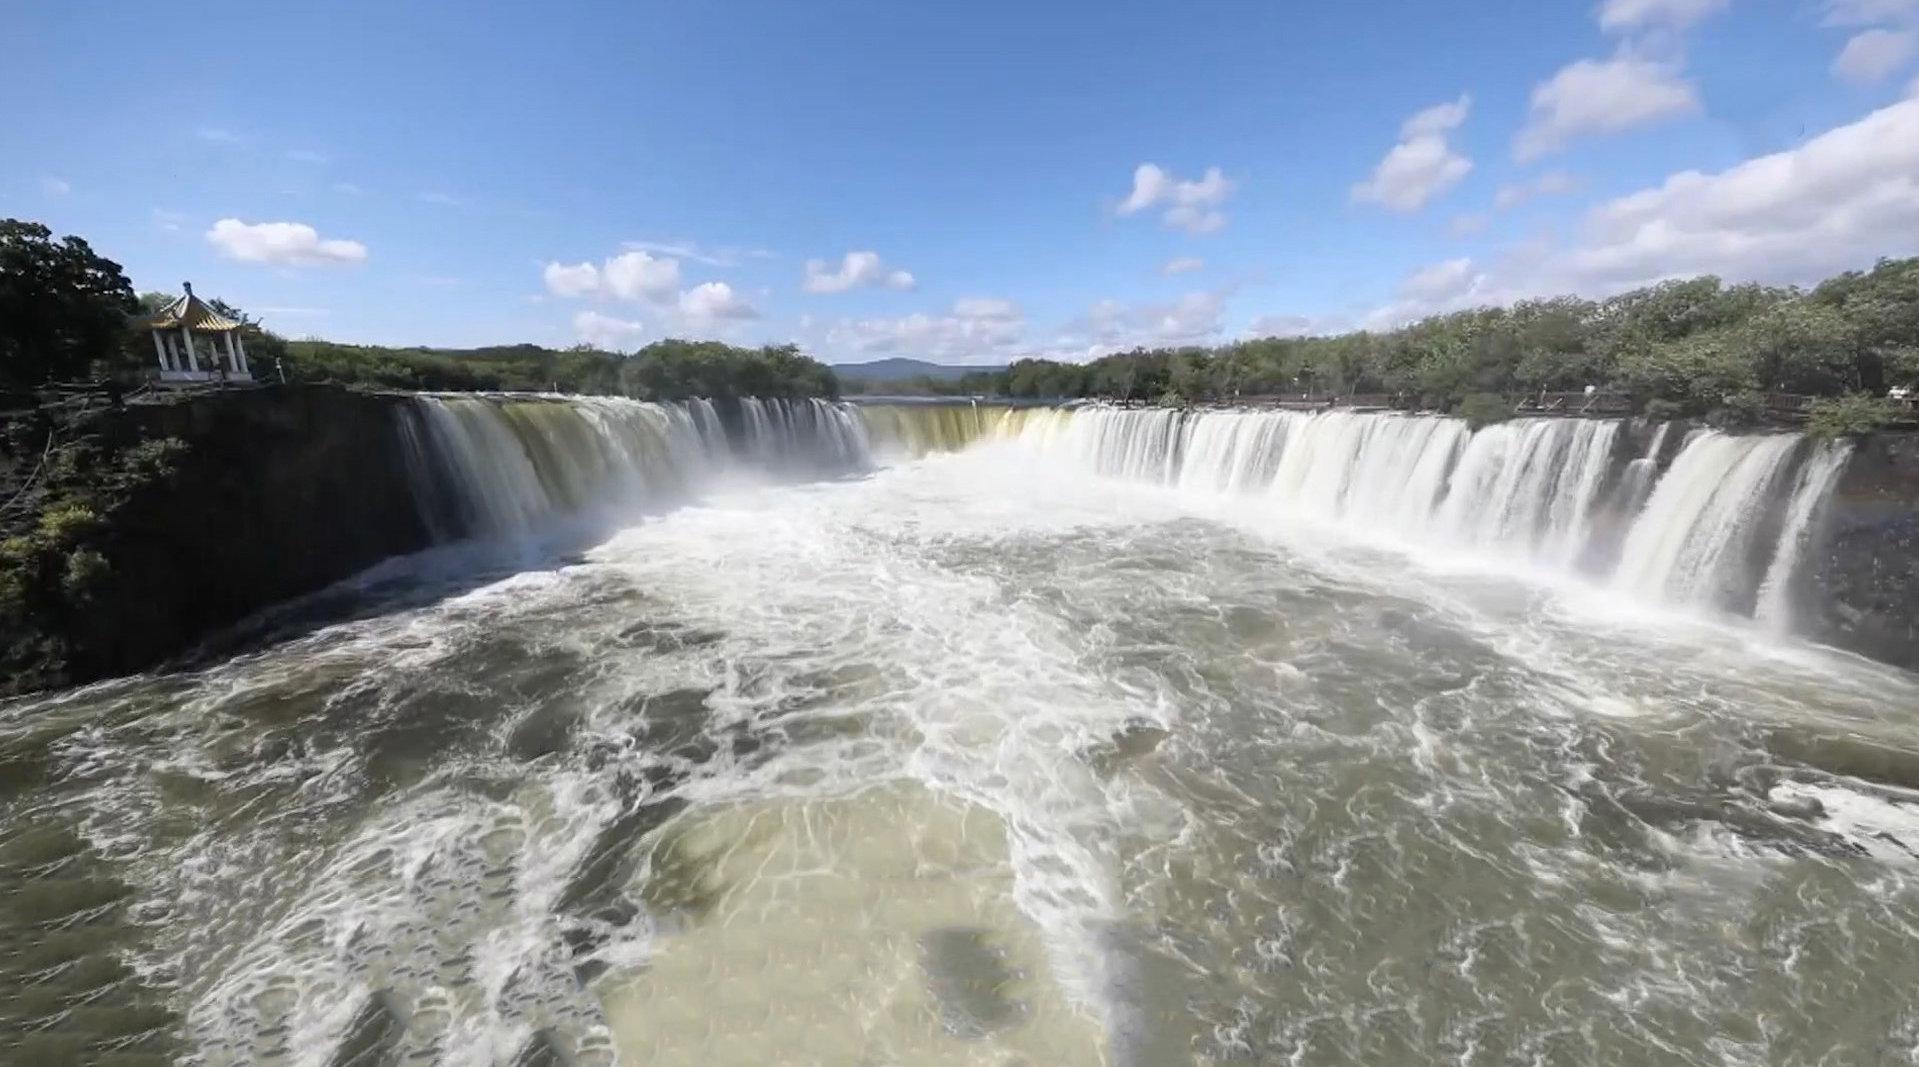 60年一遇!吊水楼瀑布现三面溢流奇观